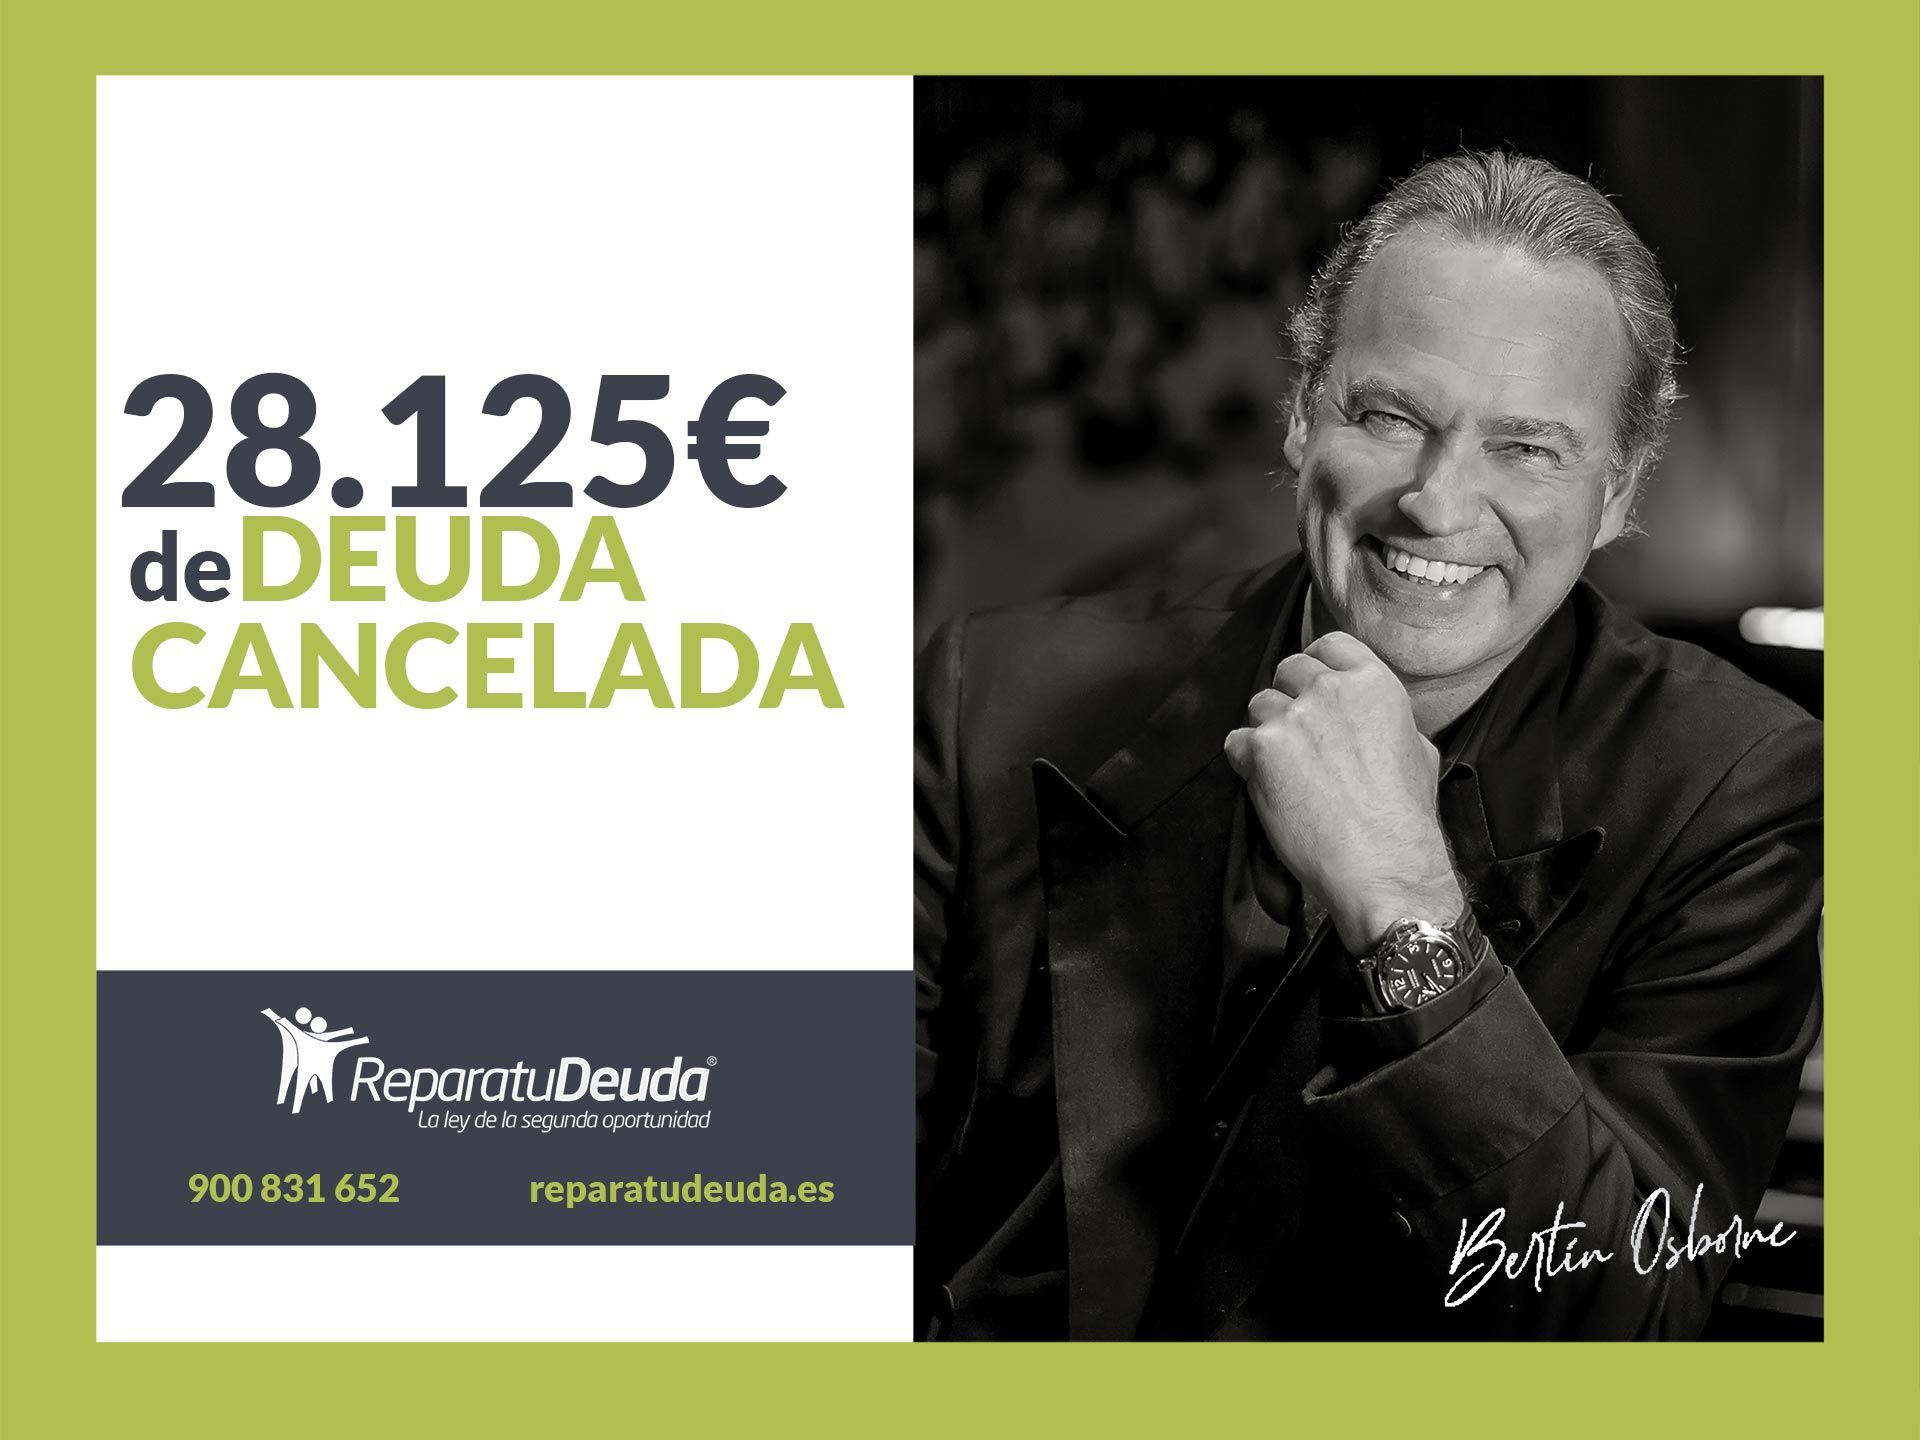 Repara tu Deuda abogados cancela 28.125 ? en Badajoz (Extremadura) con la Ley de Segunda Oportunidad